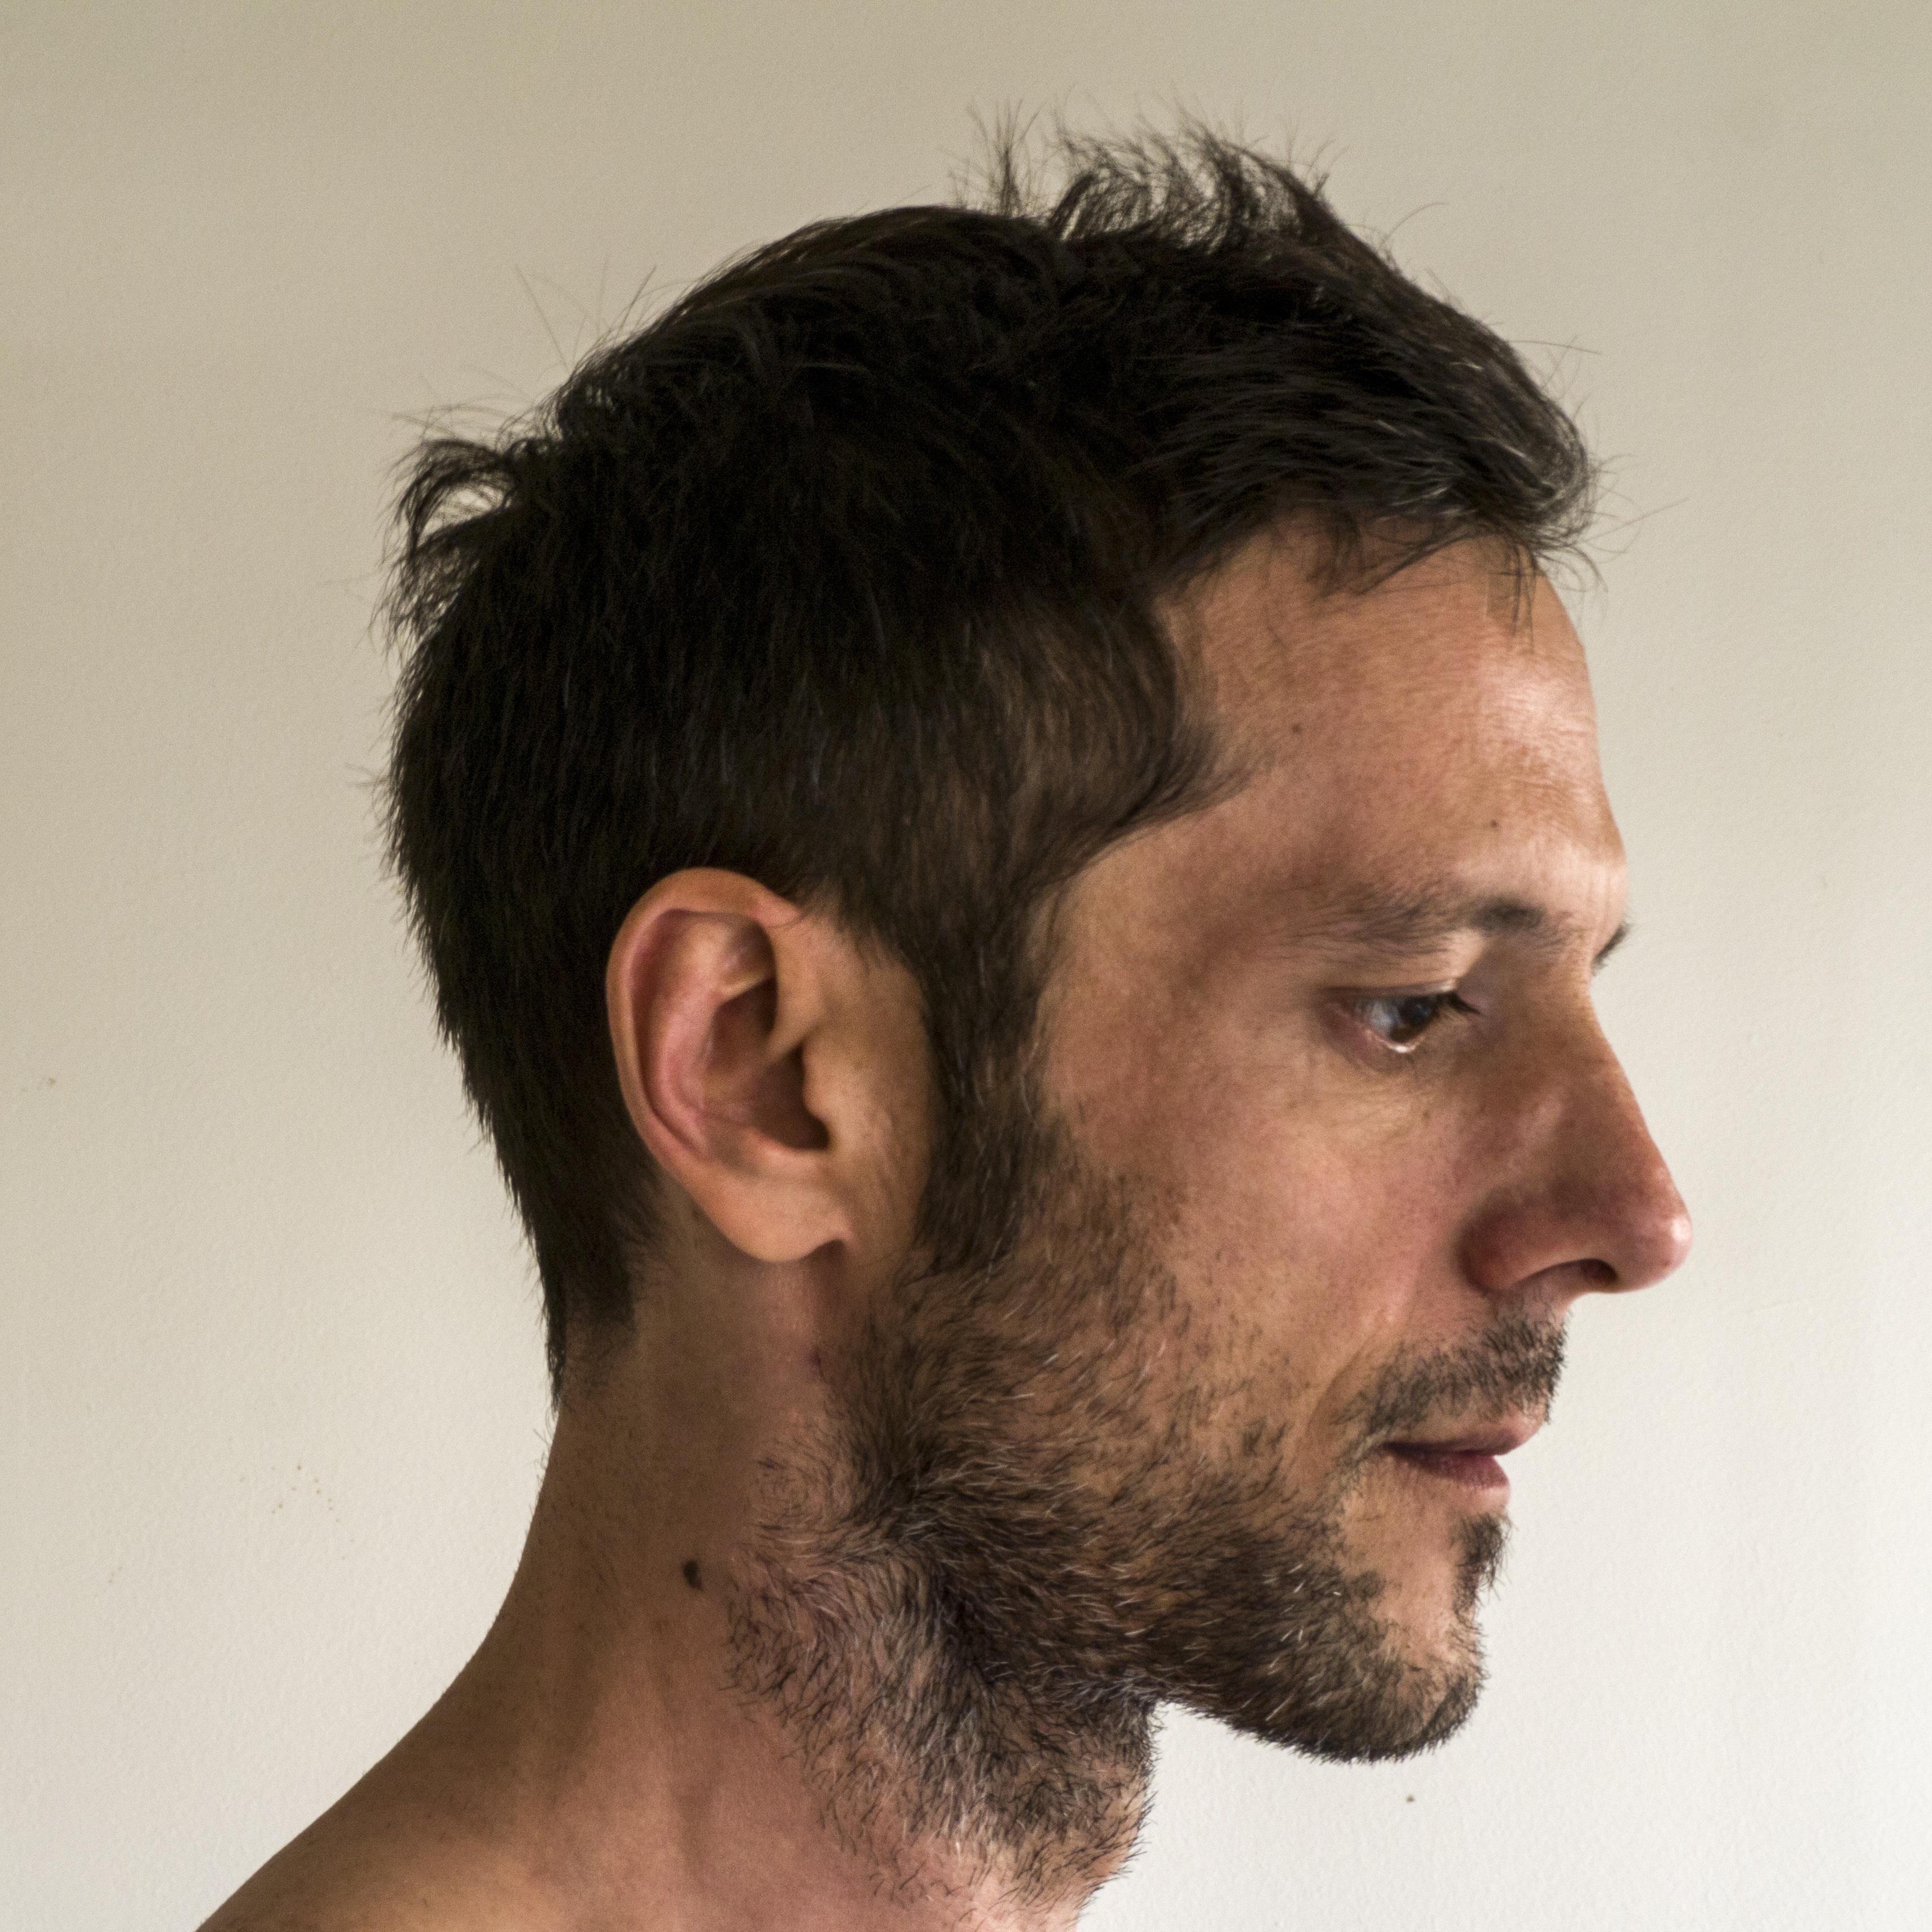 картинка профиль лицо мужчины